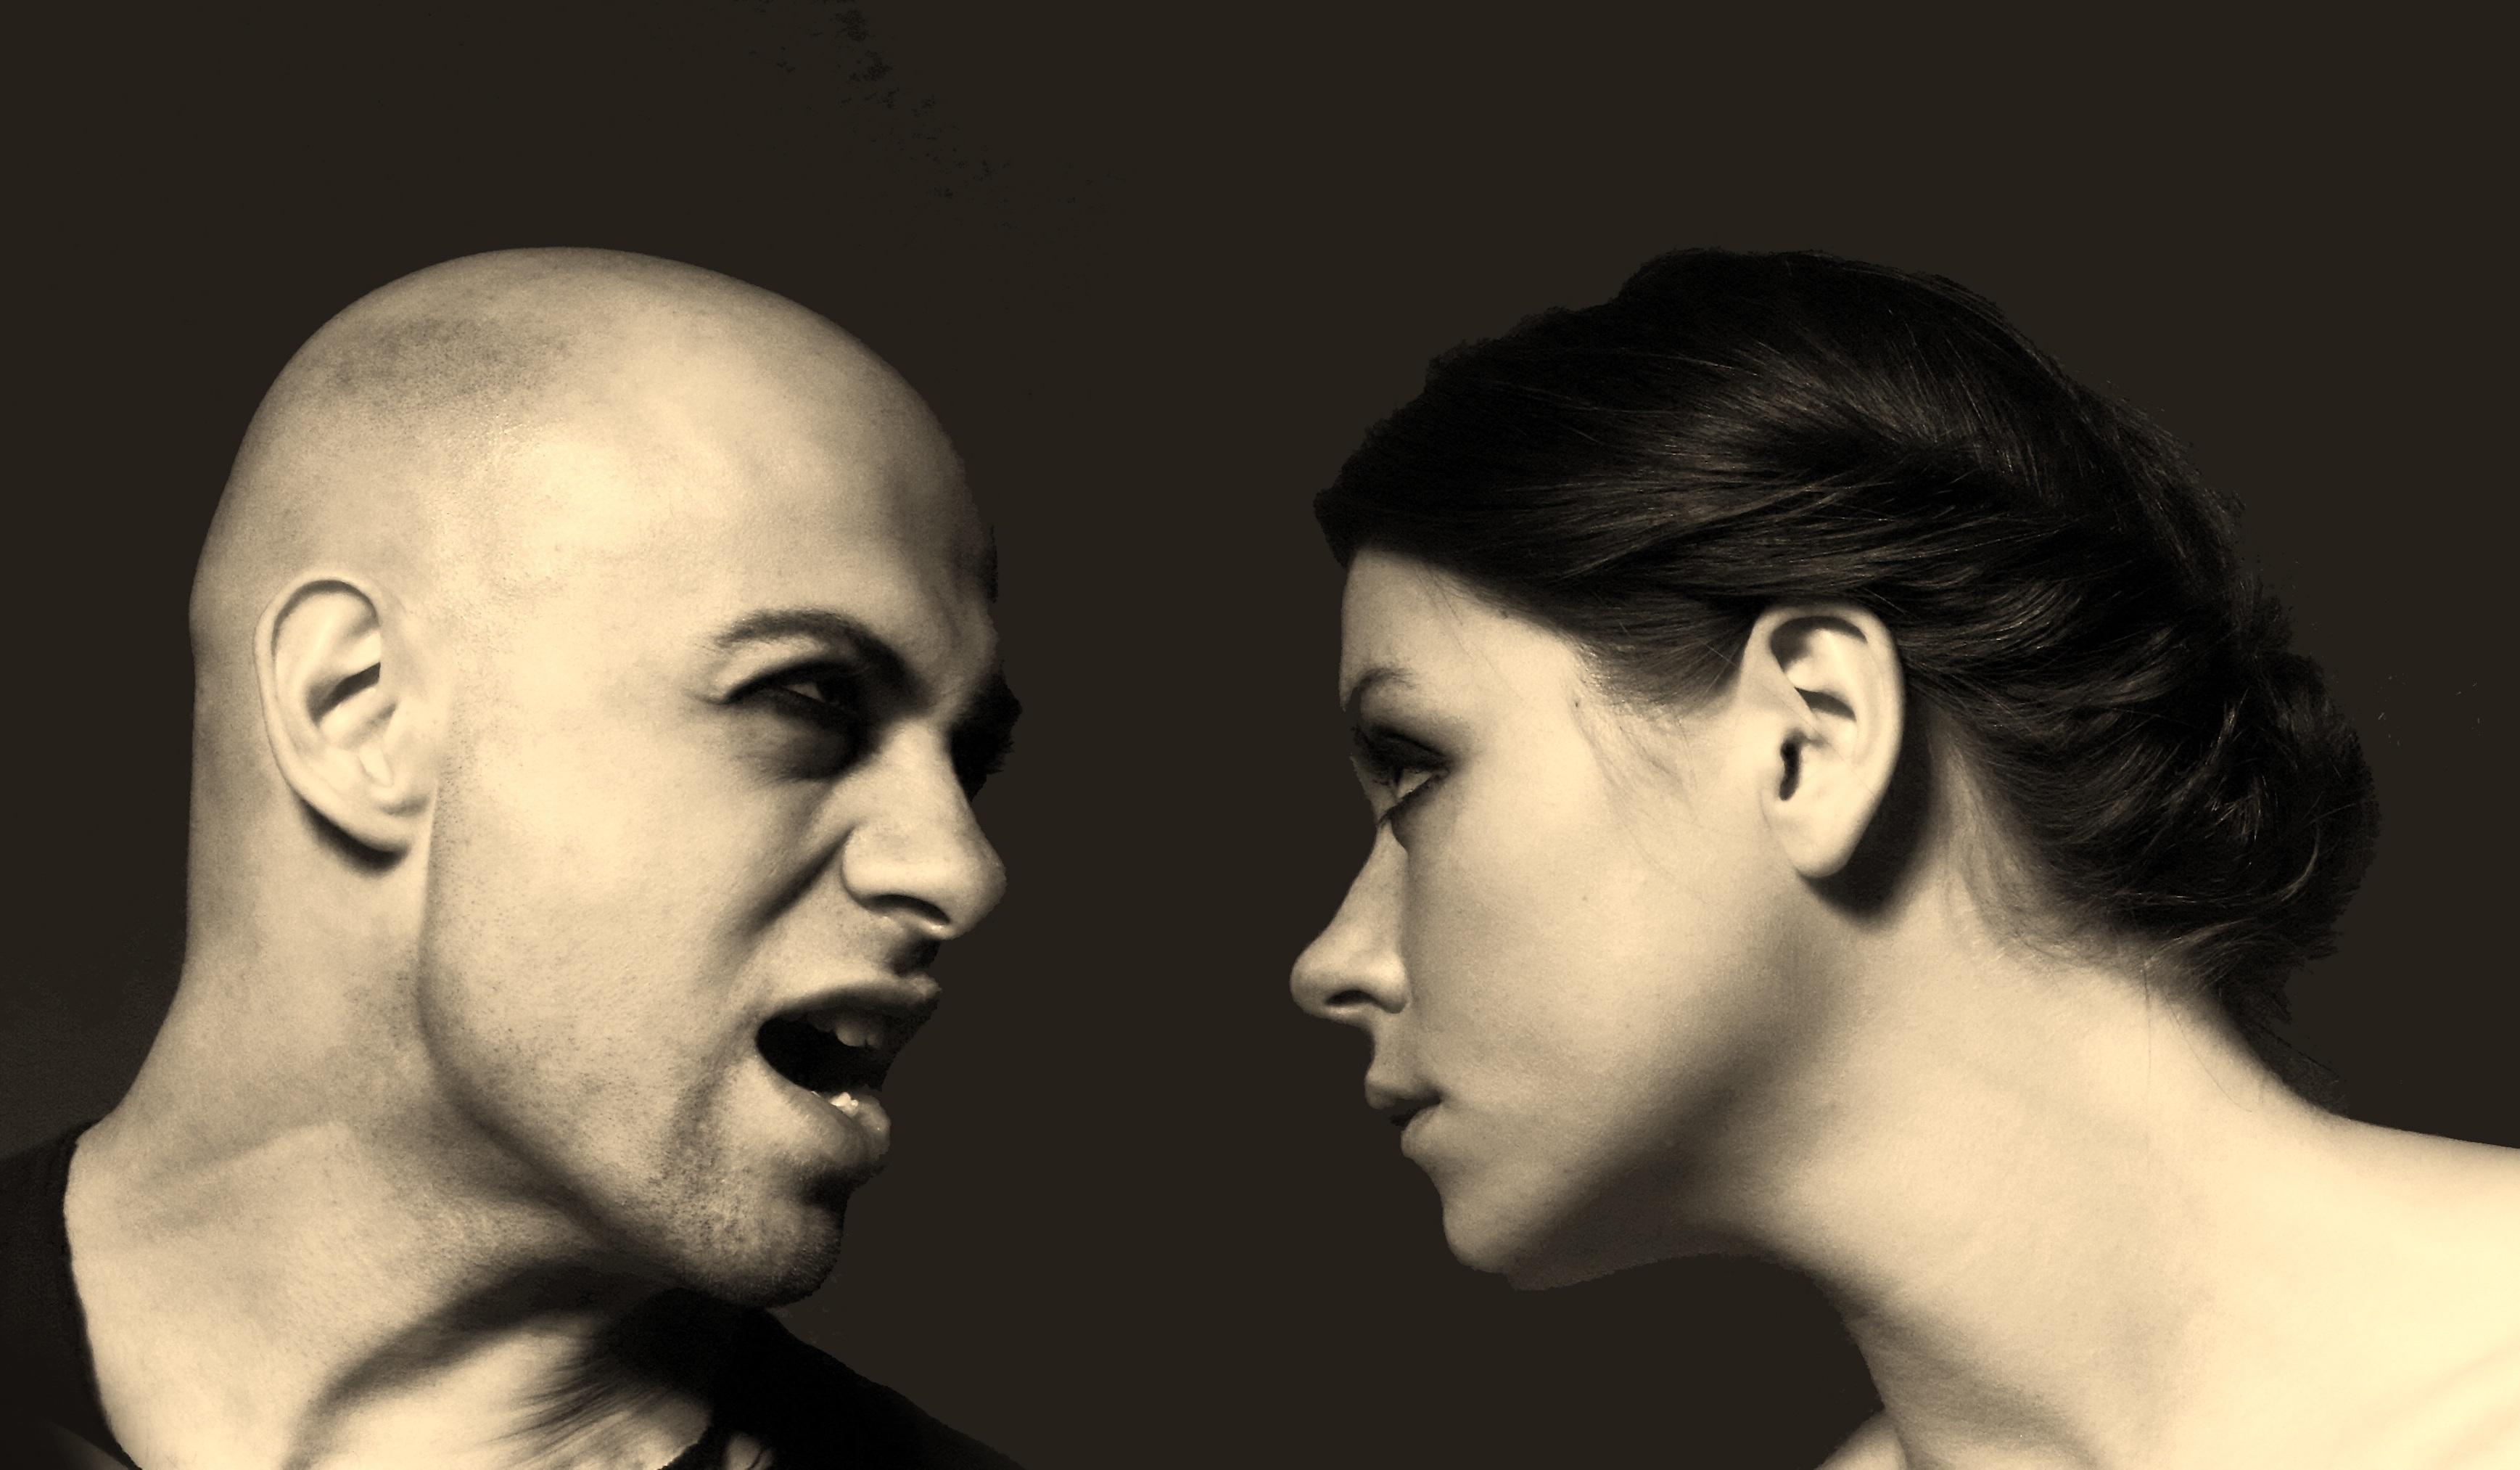 O psicopata na relação afetiva: a que sinais estar atento?